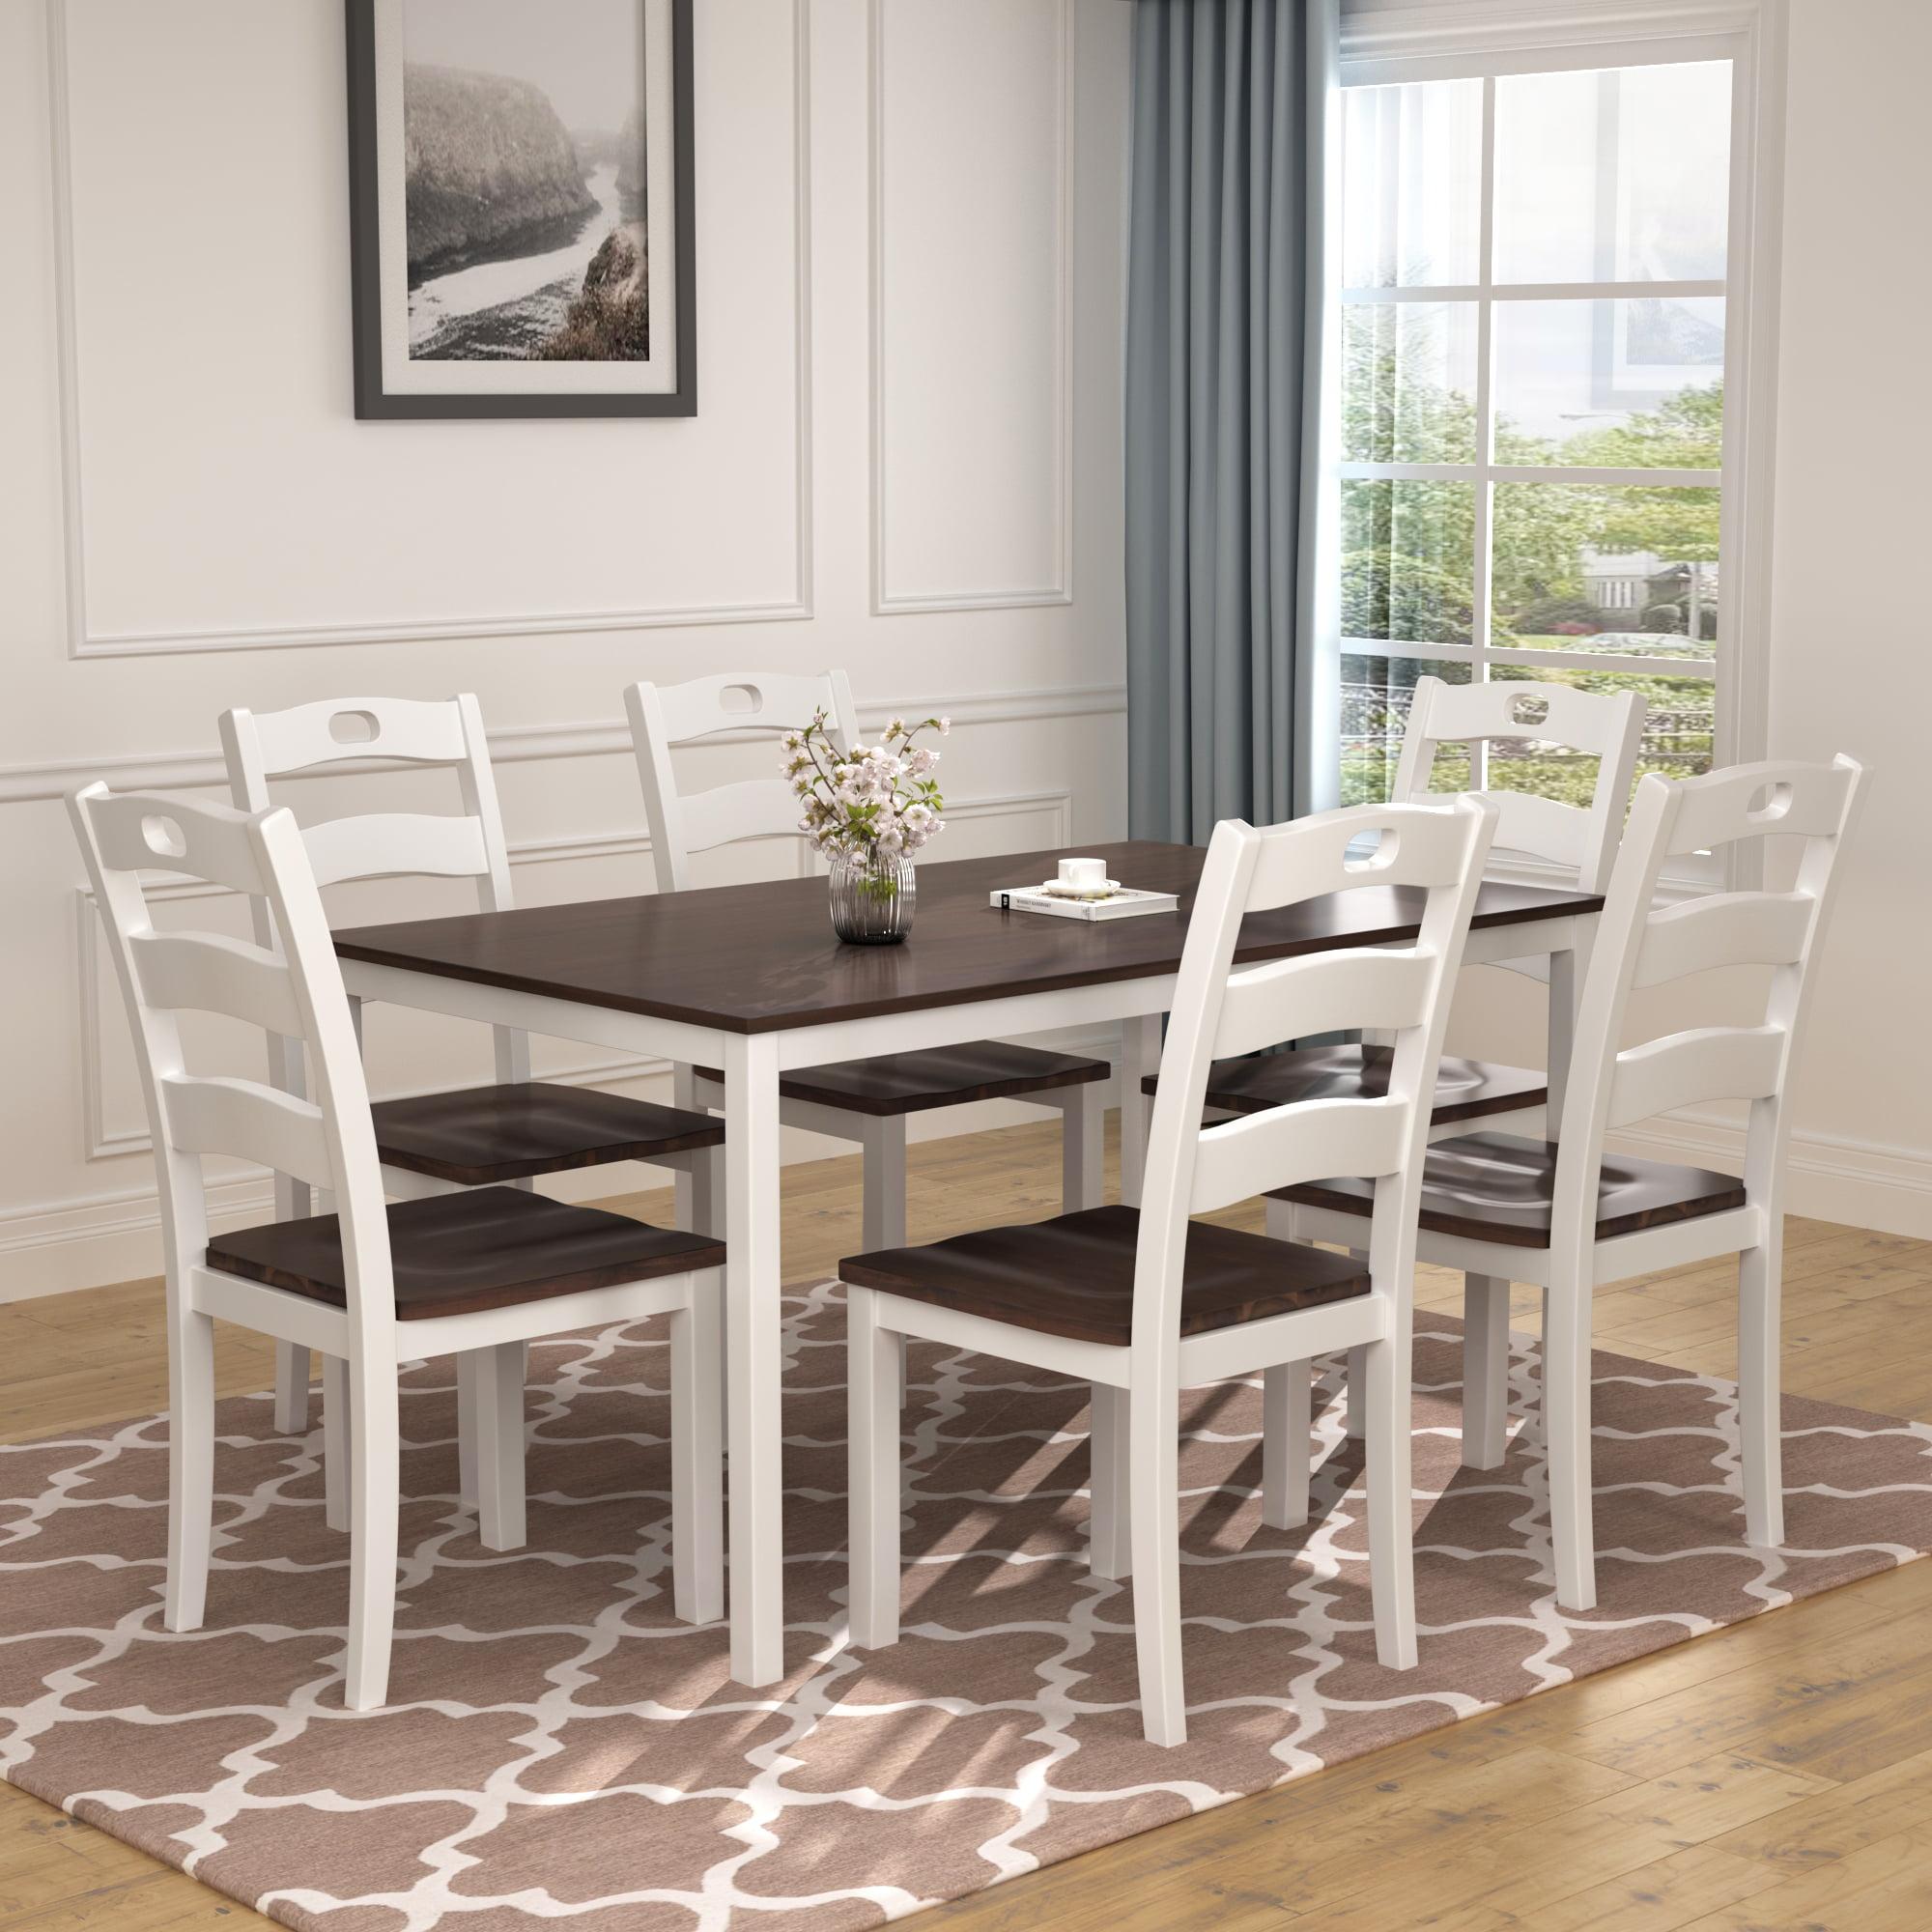 7 قطعه طاوله طعام مجموعه الحديث, 7 Piece Dining Room Set